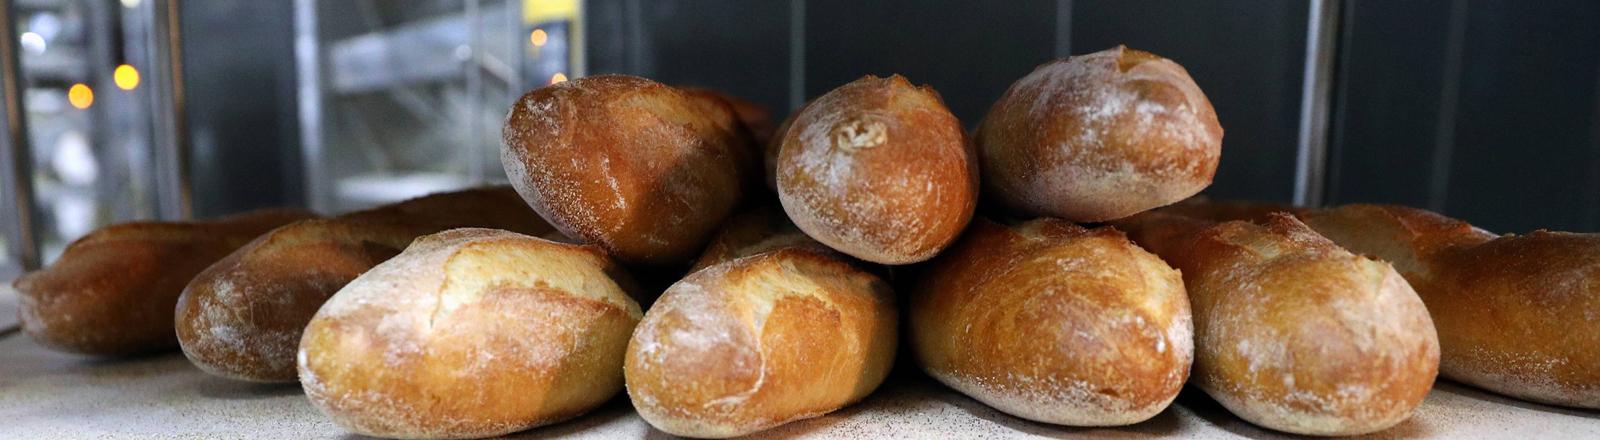 Ein paar Brote.